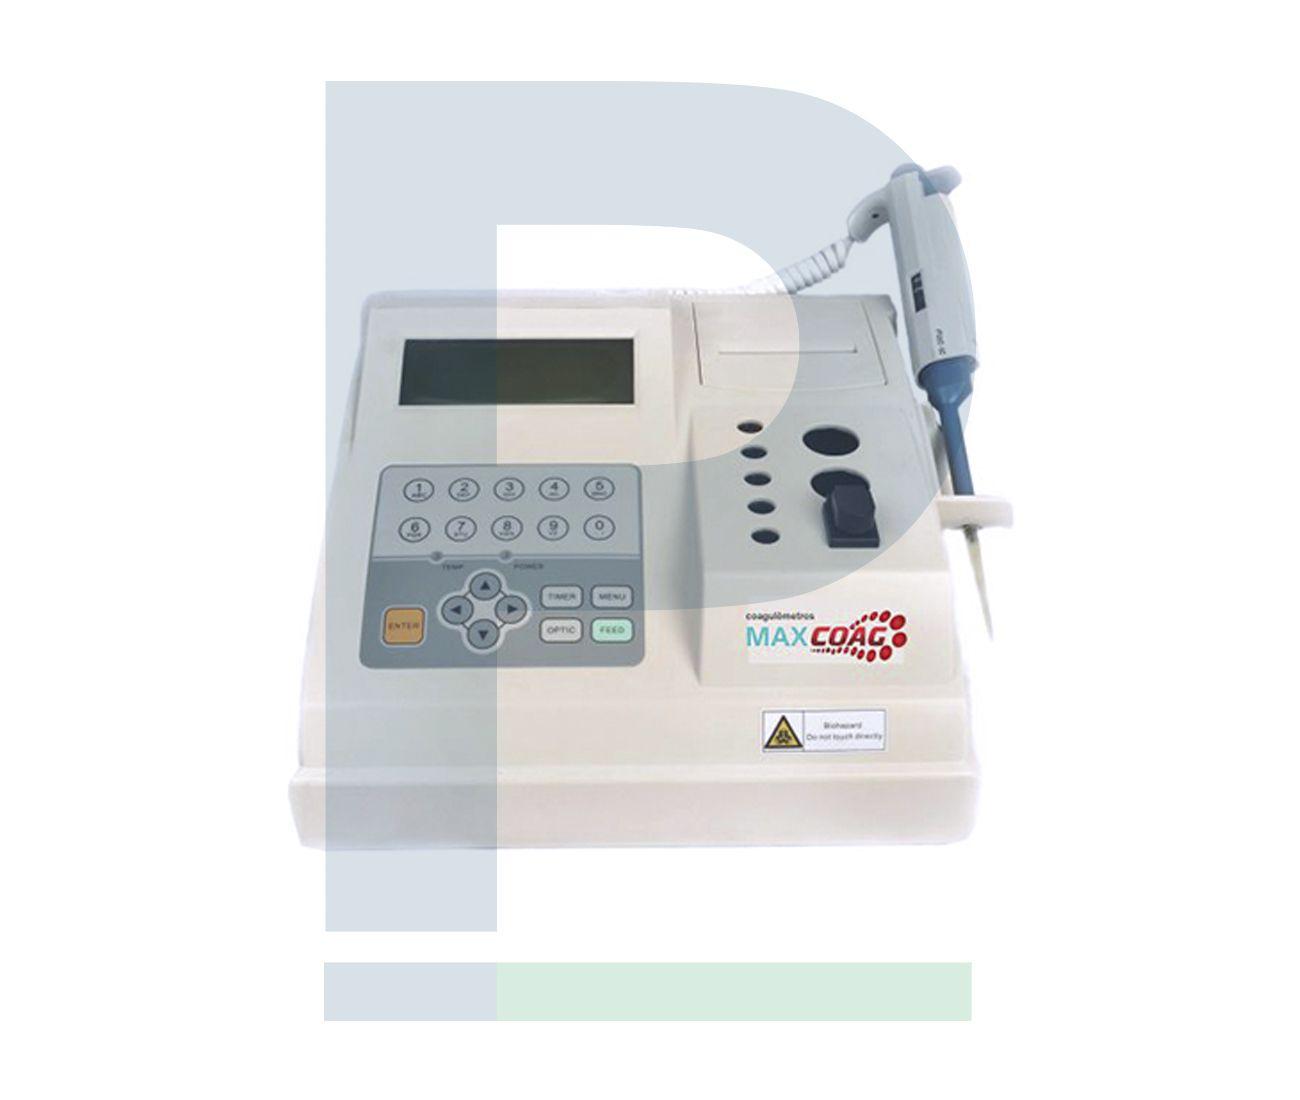 Coagulômetro Veterinário